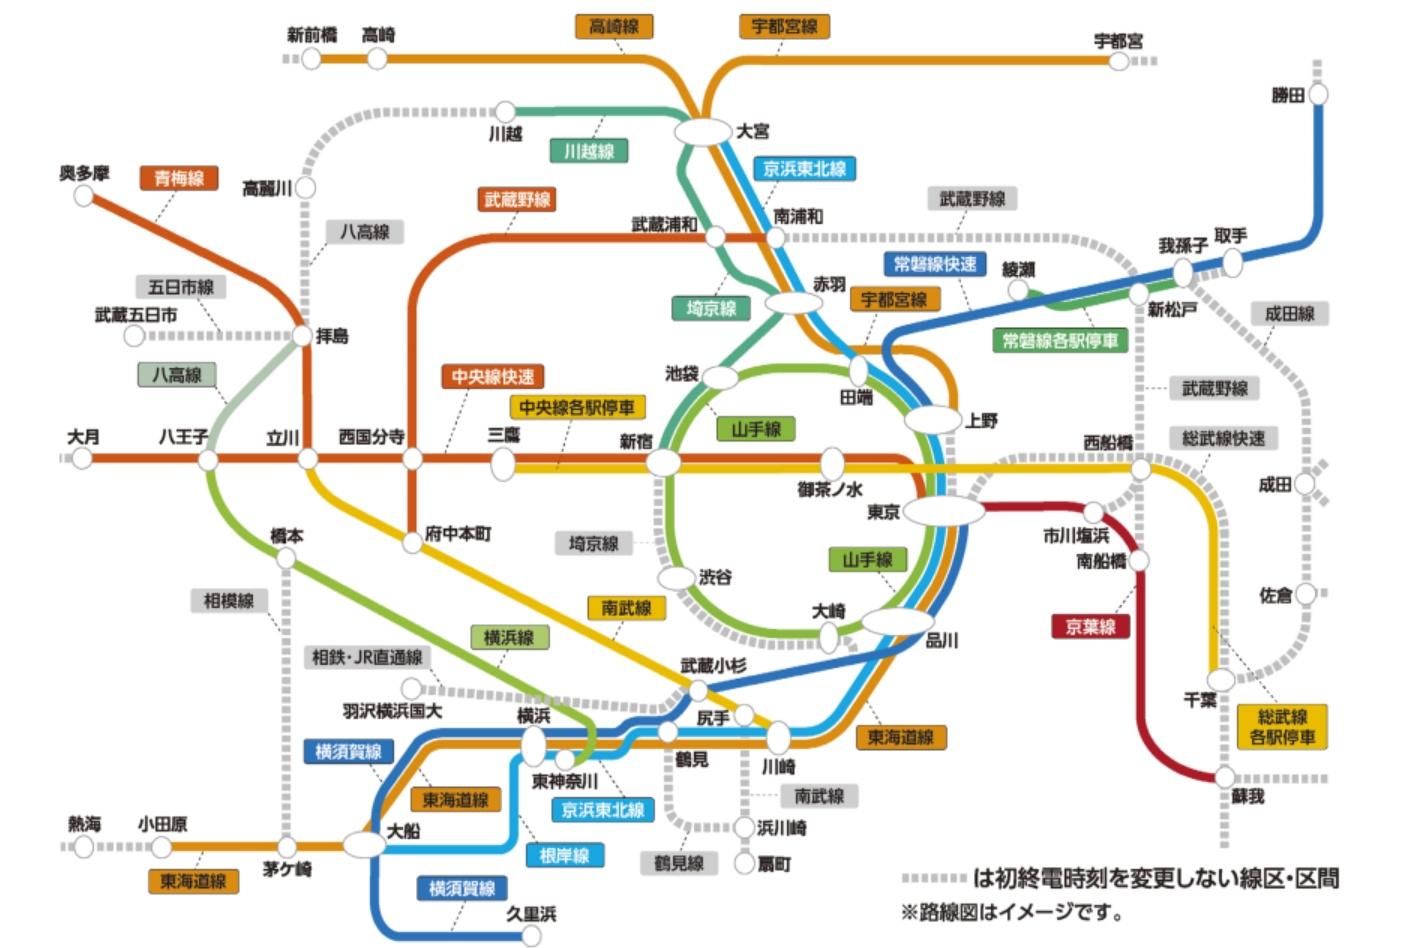 【JR東日本】3月に実施予定だった終電繰り上げを来週以降に前倒し 1都3県の知事が要請 E131系投入はどうなるのか?